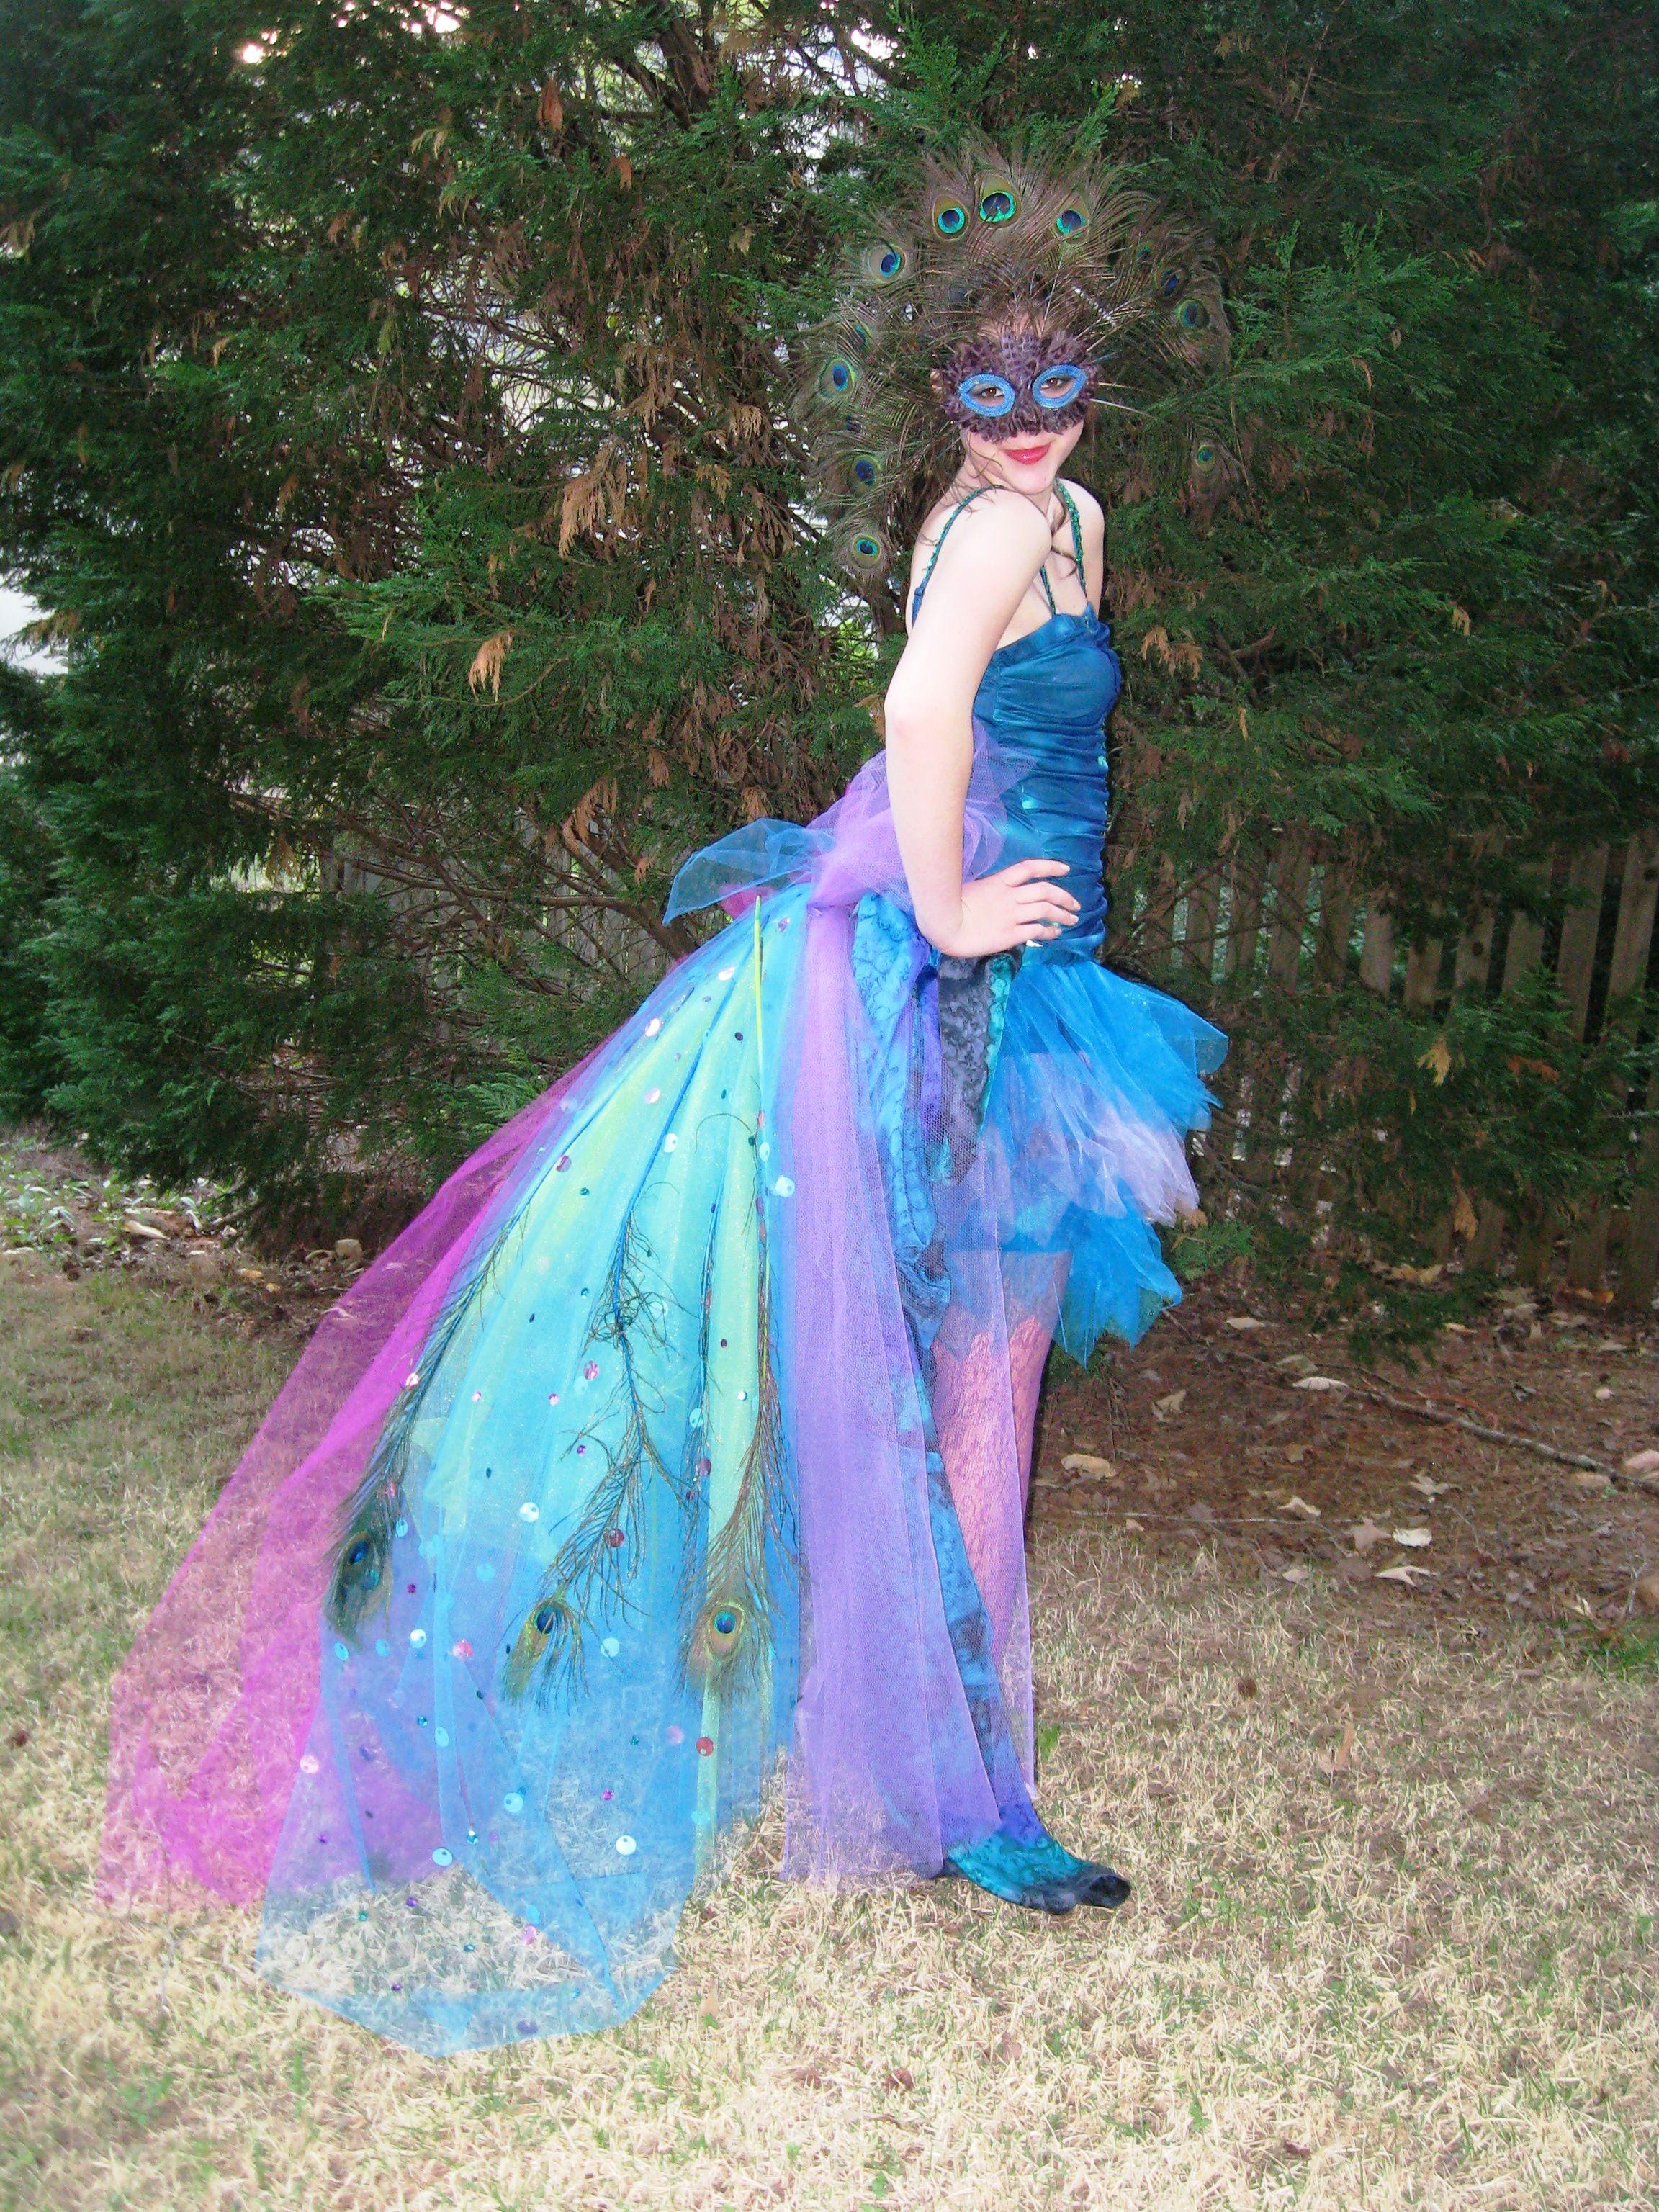 Genial Mode Pfau Maske Frauen Mädchen Geburtstag Party Cosplay Maskerade Dance Bar Karneval Weihnachten Halloween Halbe Gesicht Auge Maske Seien Sie Im Design Neu Event & Party